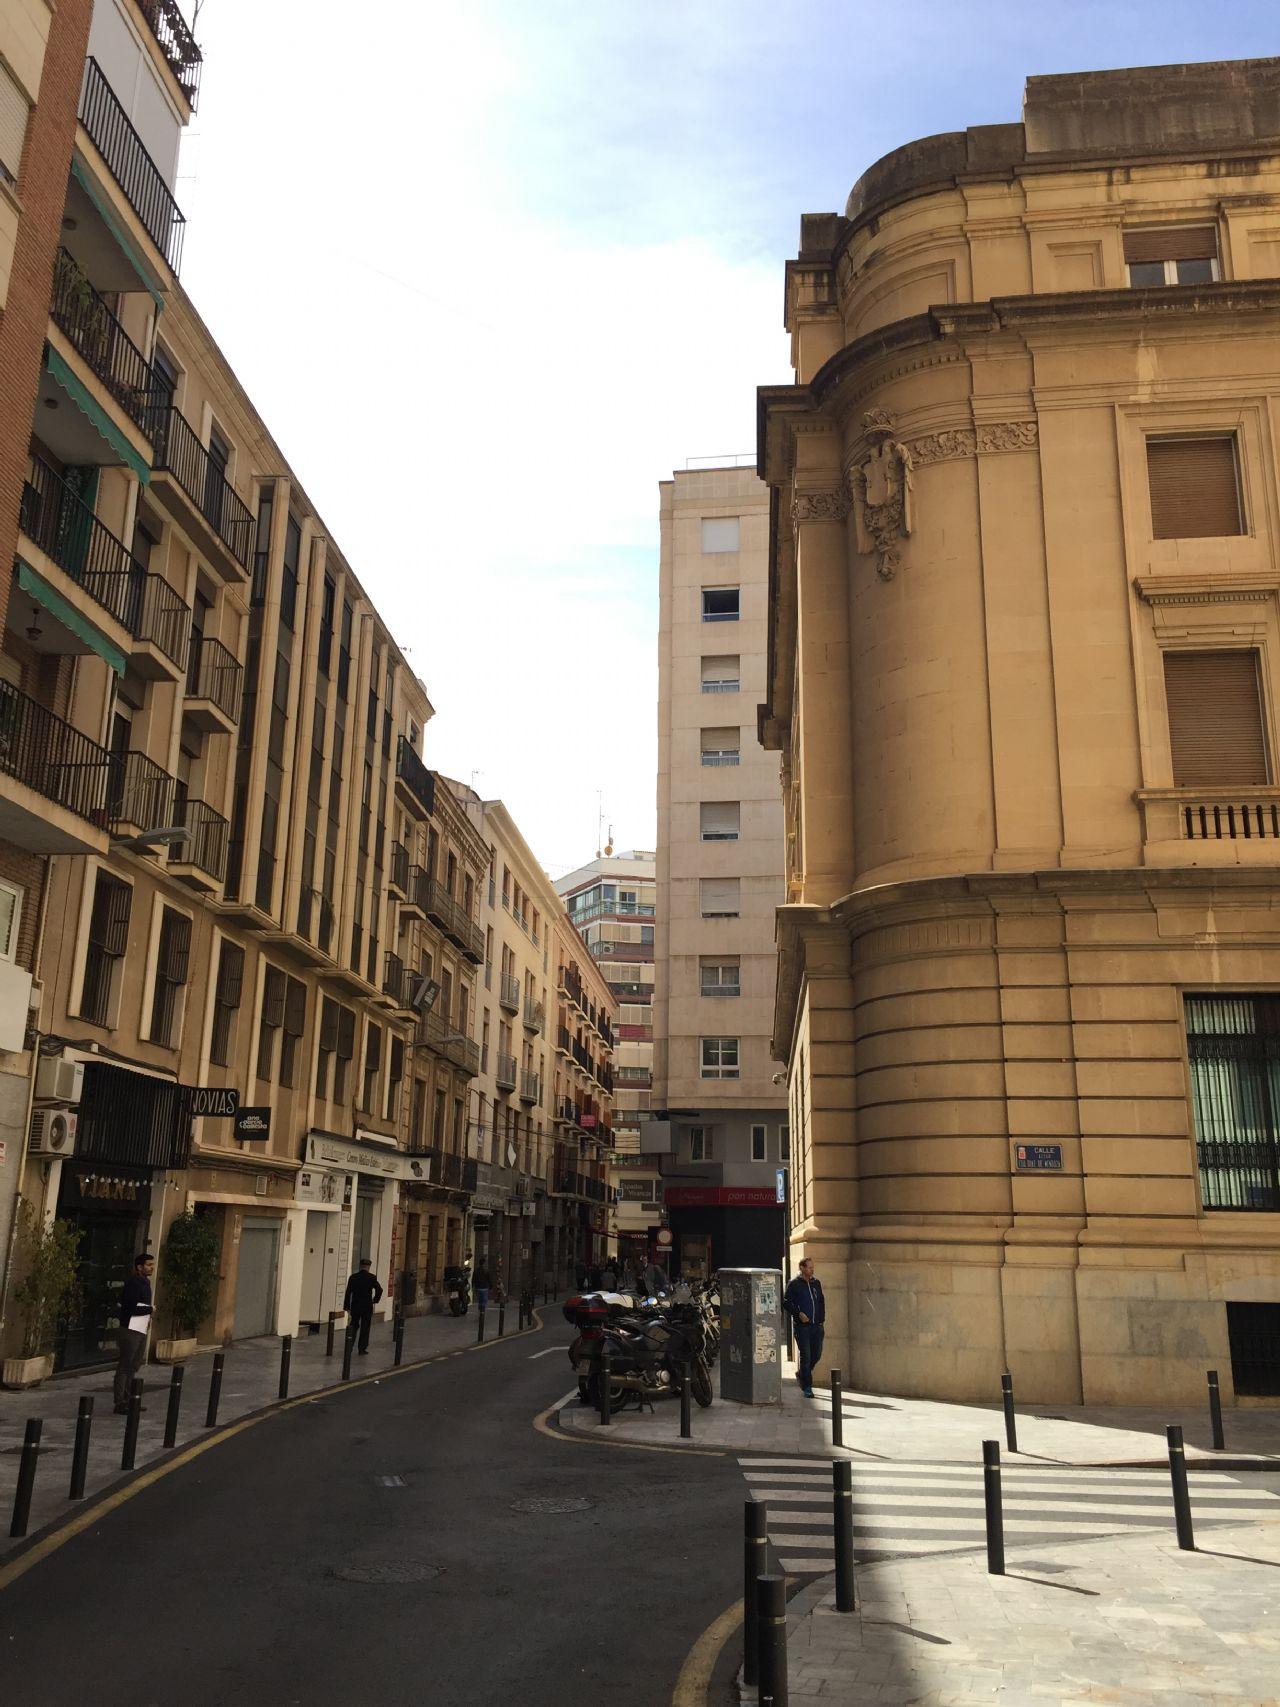 Oficina en Murcia, CENTRO - GRAN VIA, alquiler